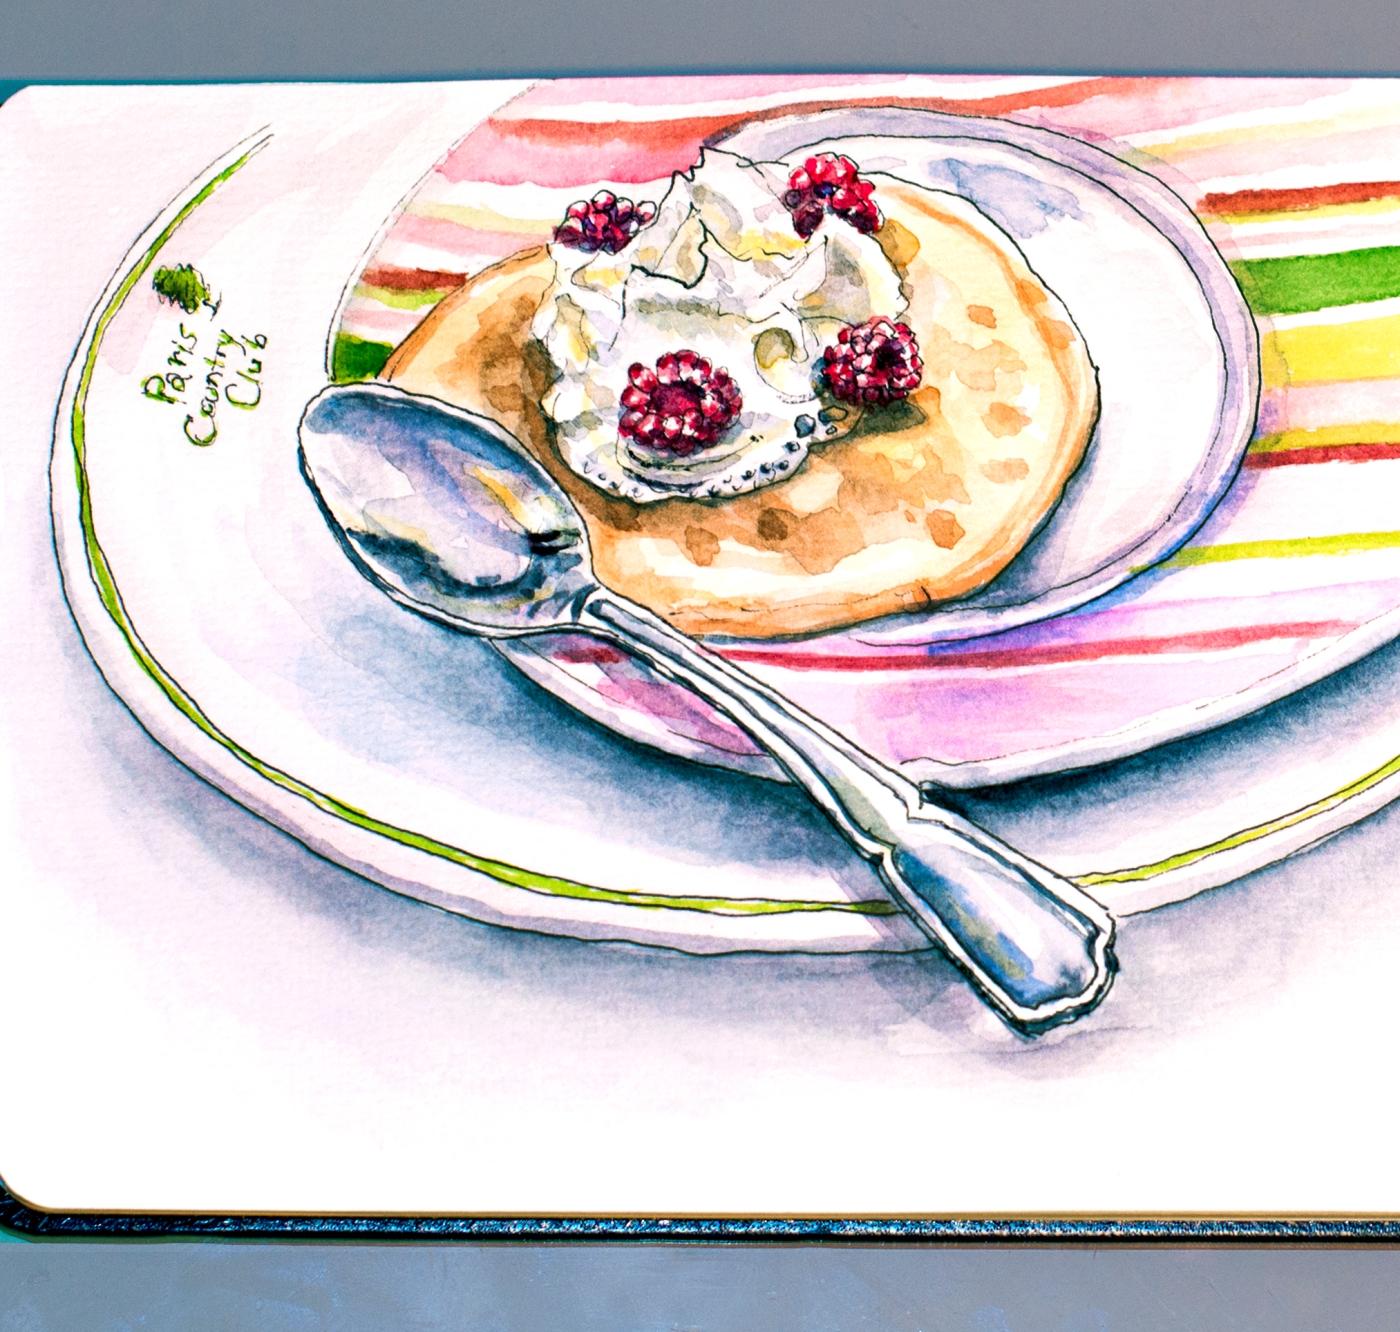 Day 1 #WorldWatercolorGroup Crêpe à la crème et les framboises